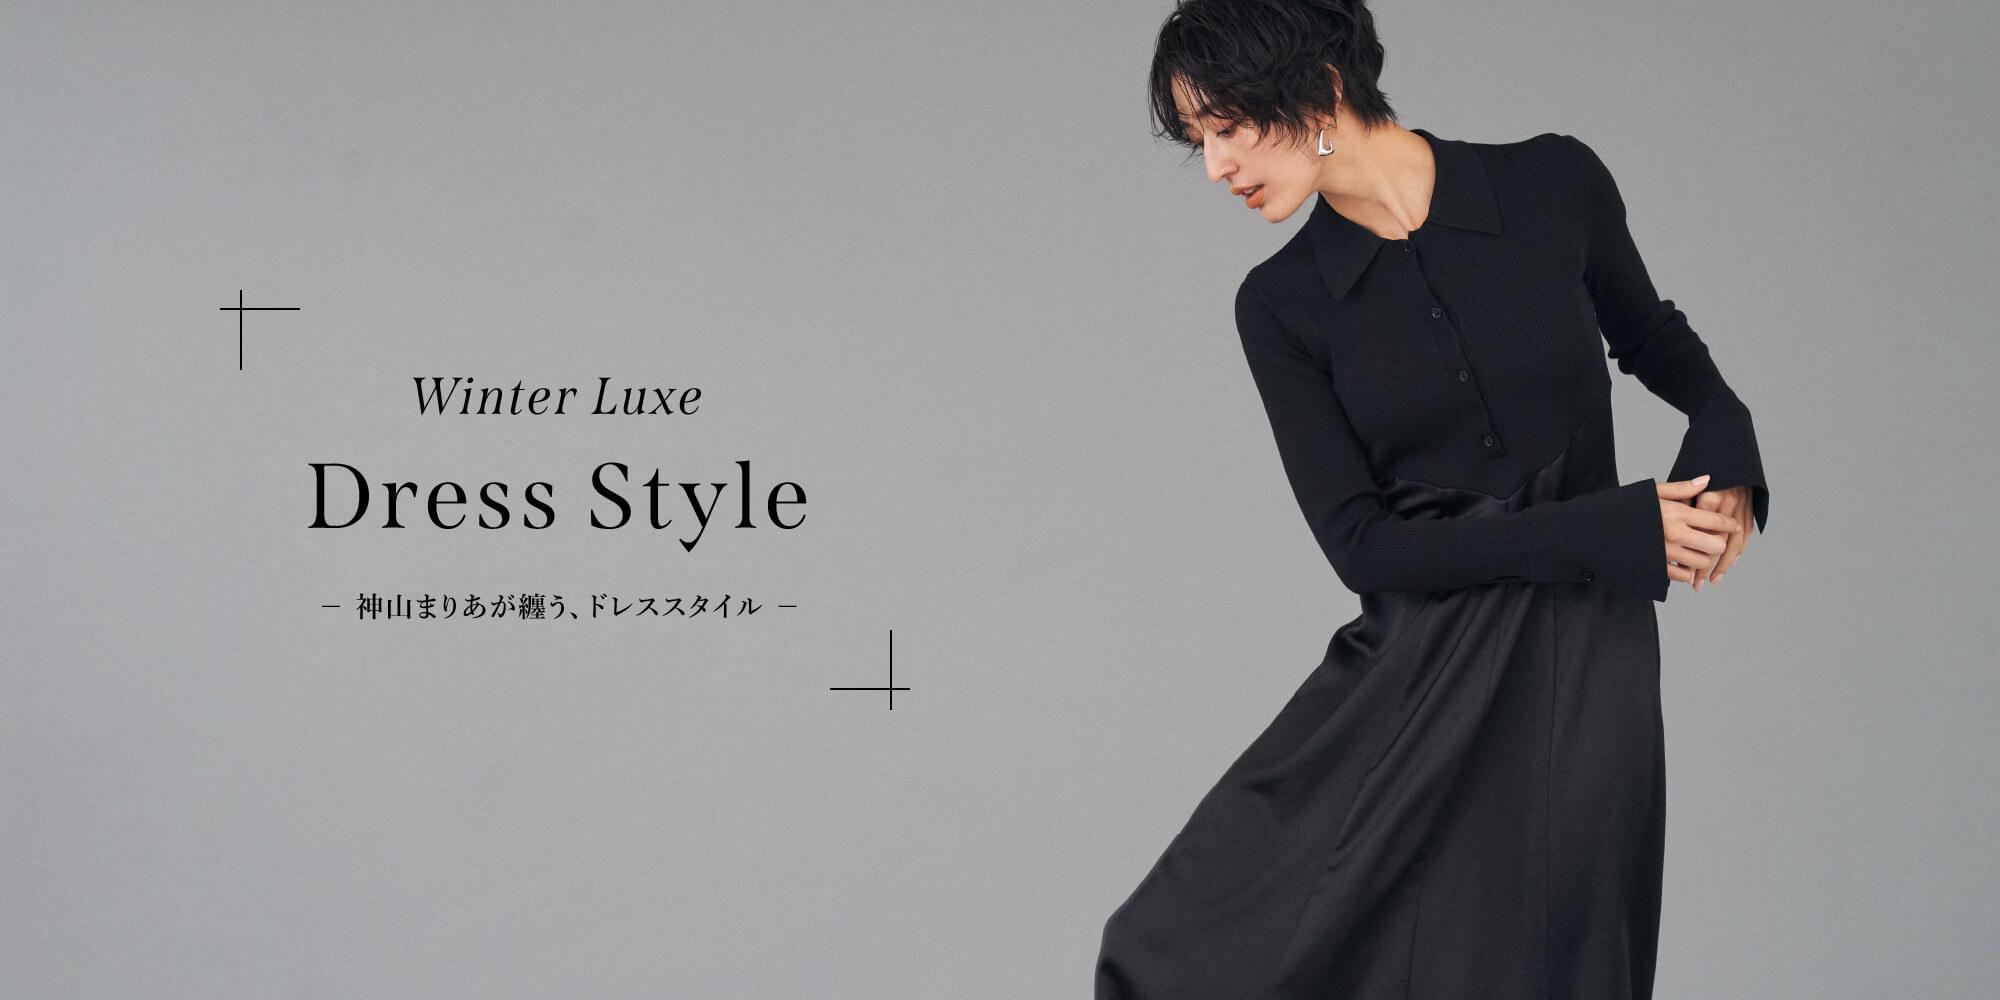 Winter Luxe Dress Style - 神山まりあが纏う、ドレススタイル -